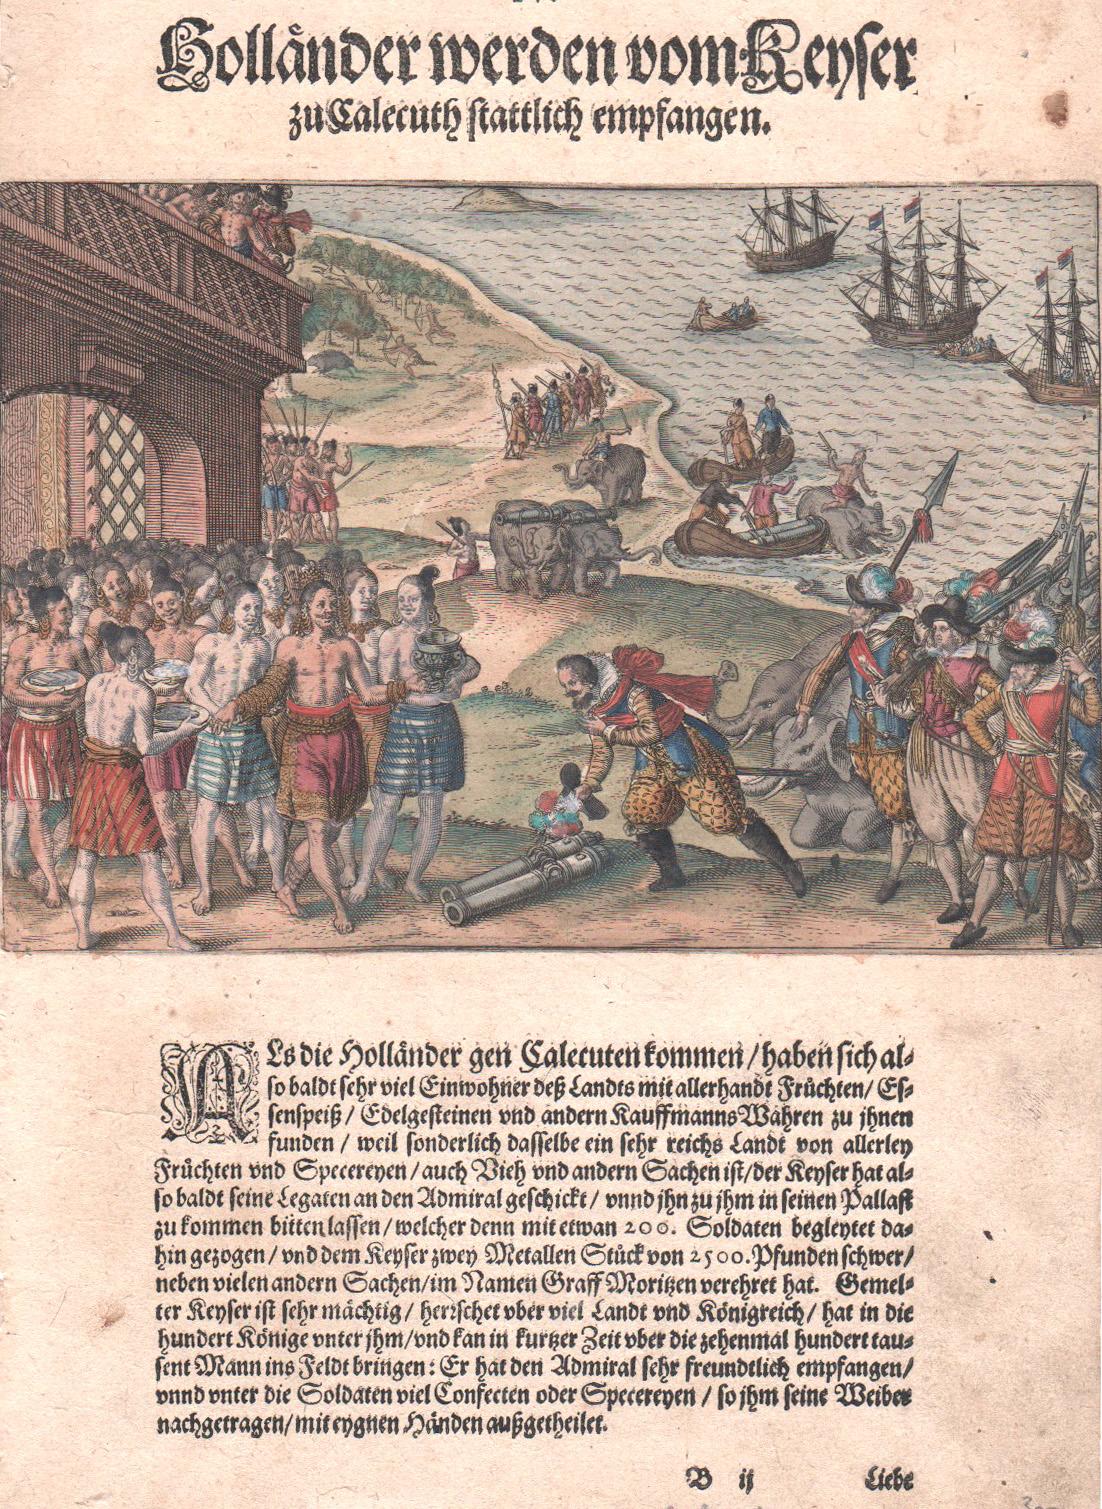 Bry, de Theodor, Dietrich Holländer werden vom Keyser zu Calecuth stattlich empfangen.